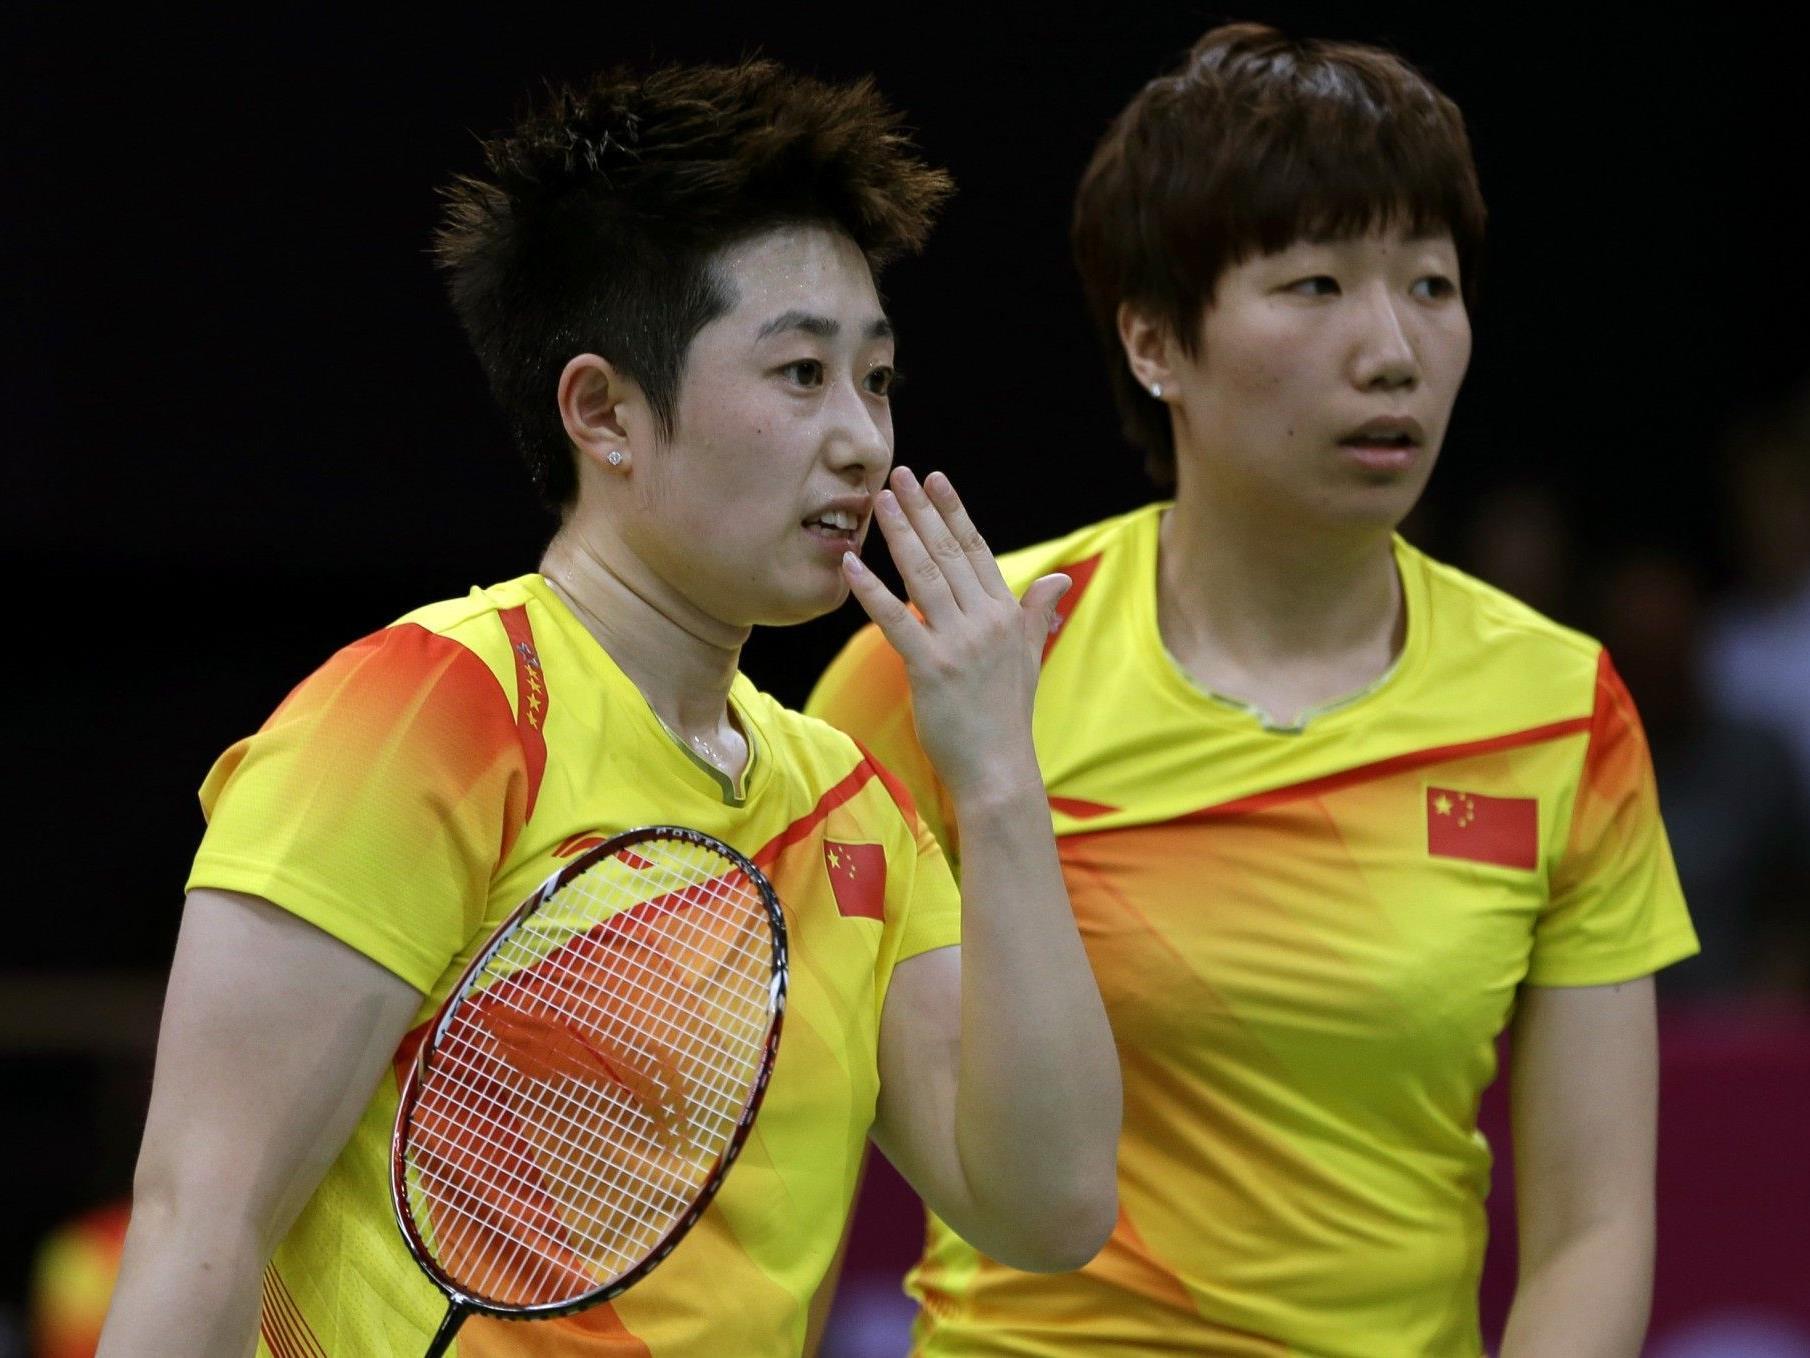 Das topgesetzte chinesische Damendoppel Wang Xiaoli und Yu Yang hat sein Gruppenspiel absichtlich verloren. Das Publikum reagierte empört.